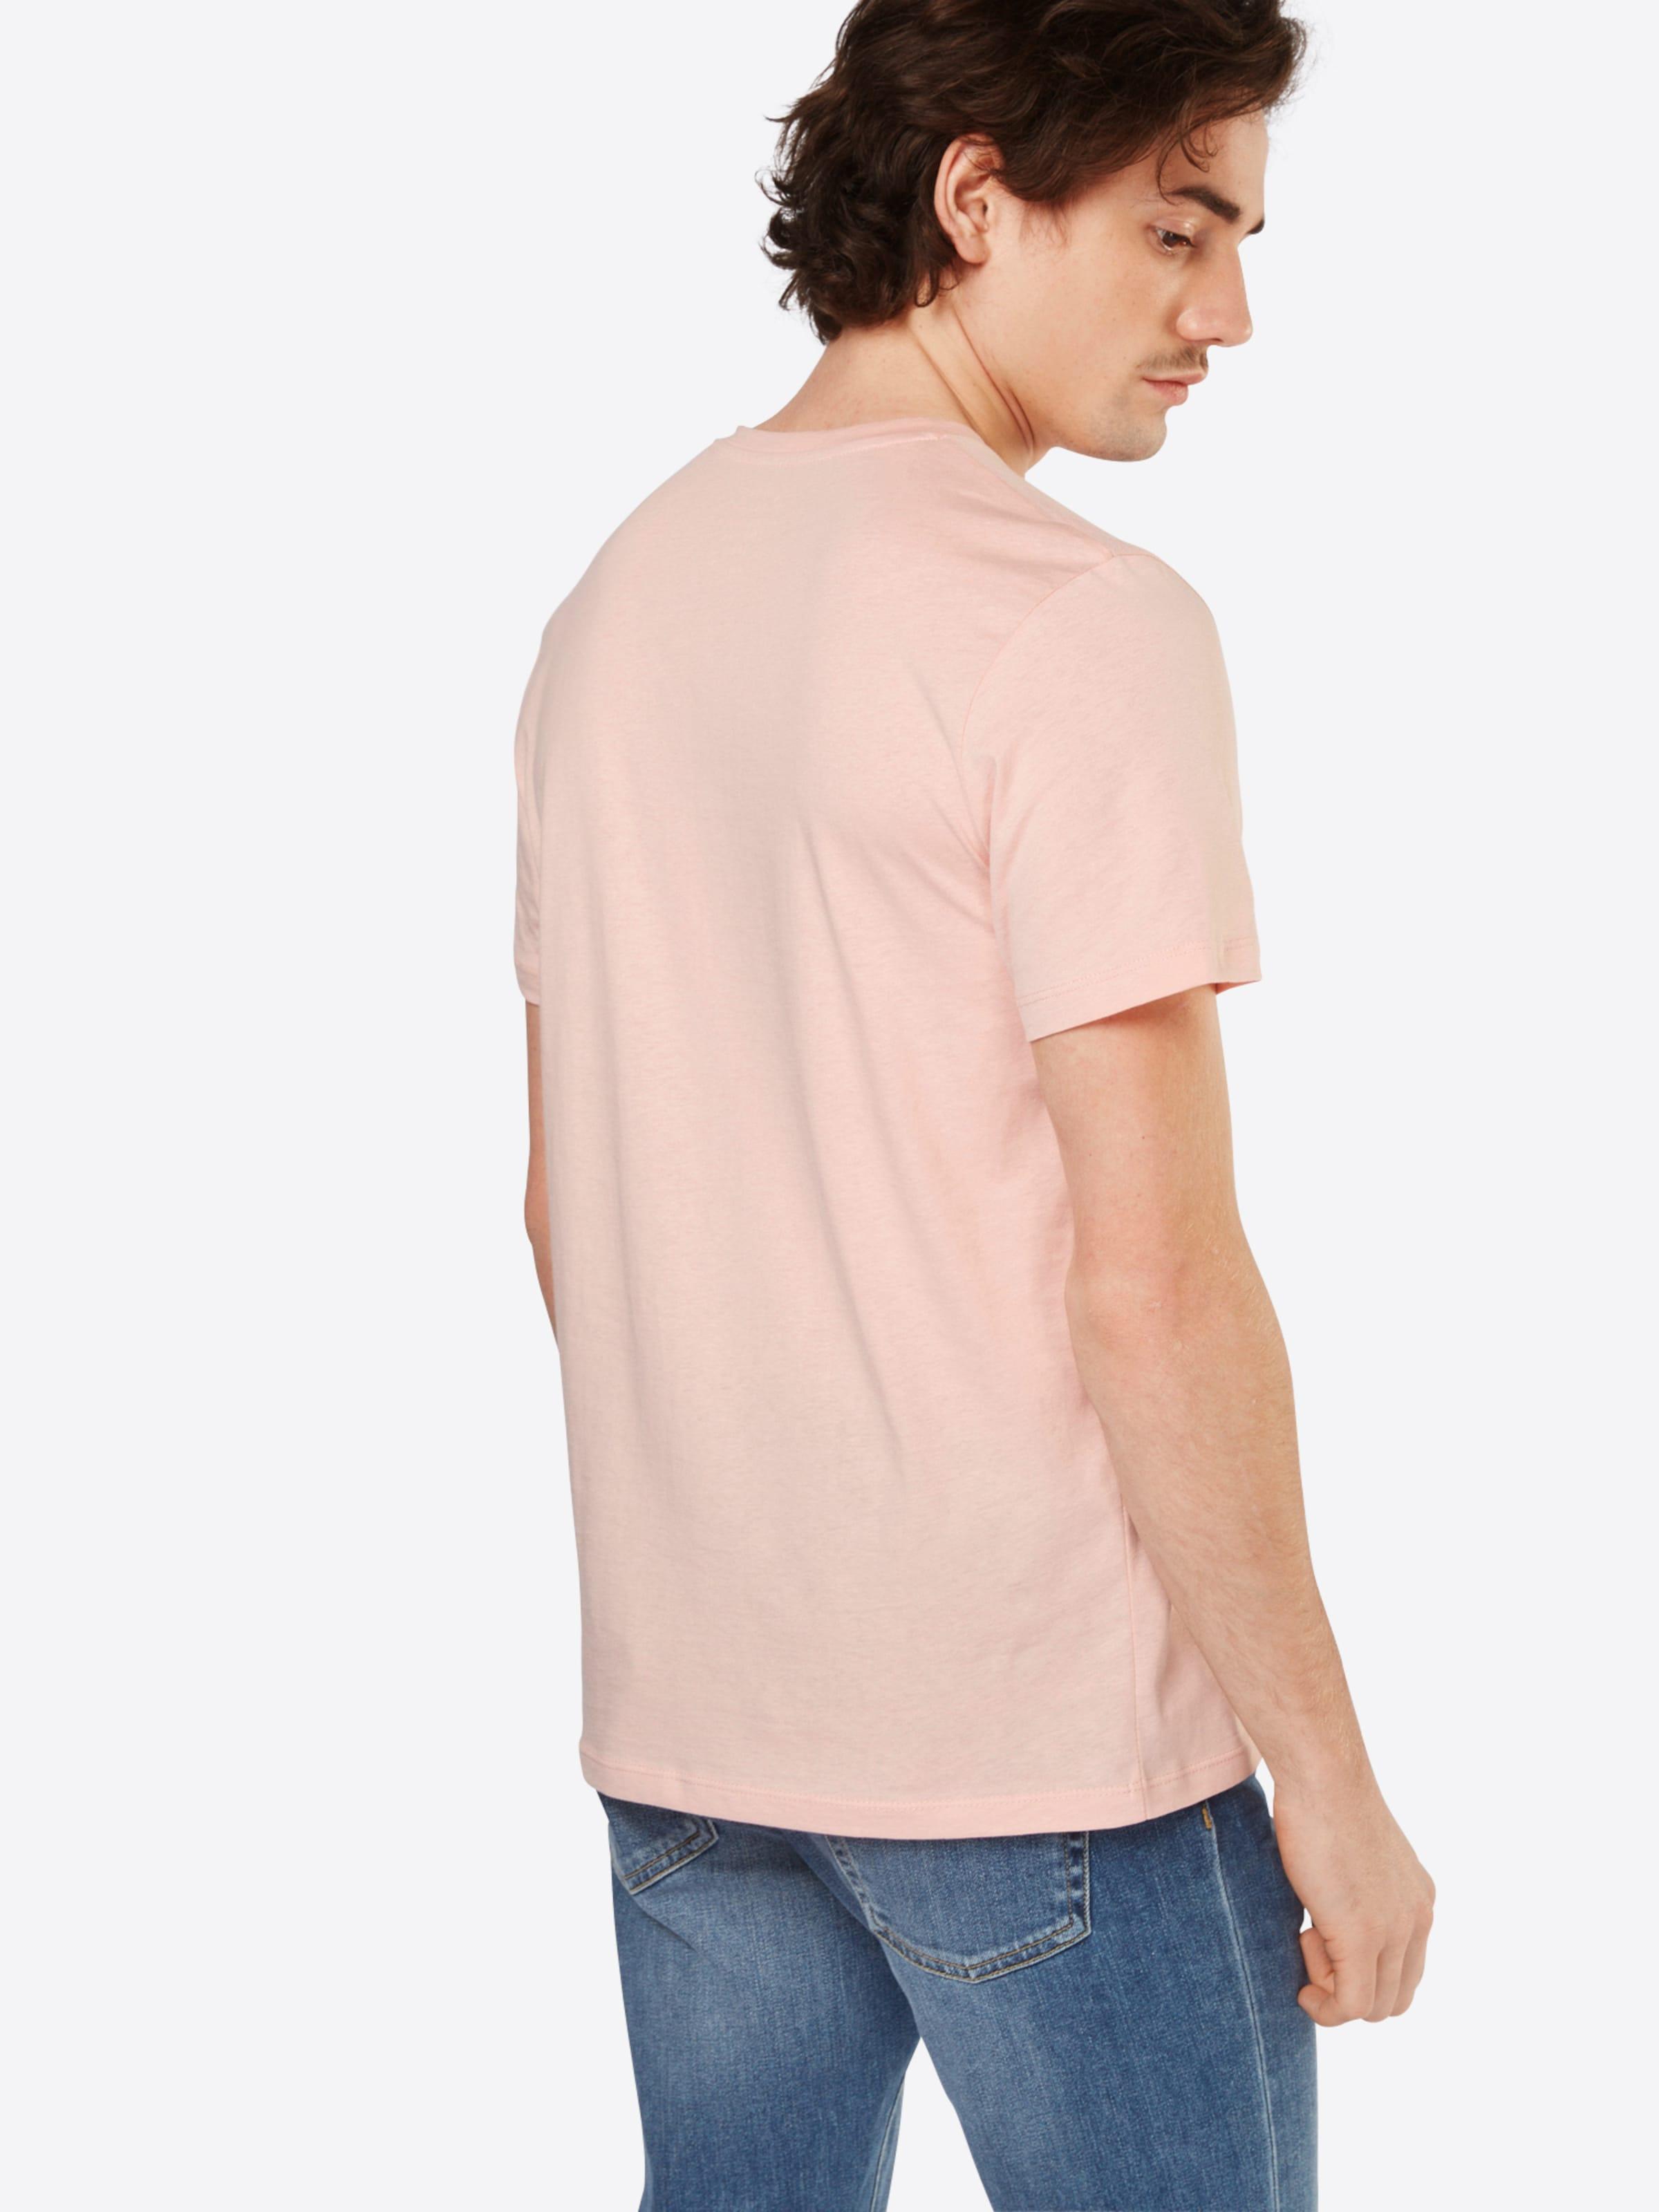 JACK & JONES T-Shirt 'JORNEWRAFFA NOOS' Gefälschte Online-Verkauf Günstig Kaufen Nicekicks Freies Verschiffen Bilder 3rHmcKm25u